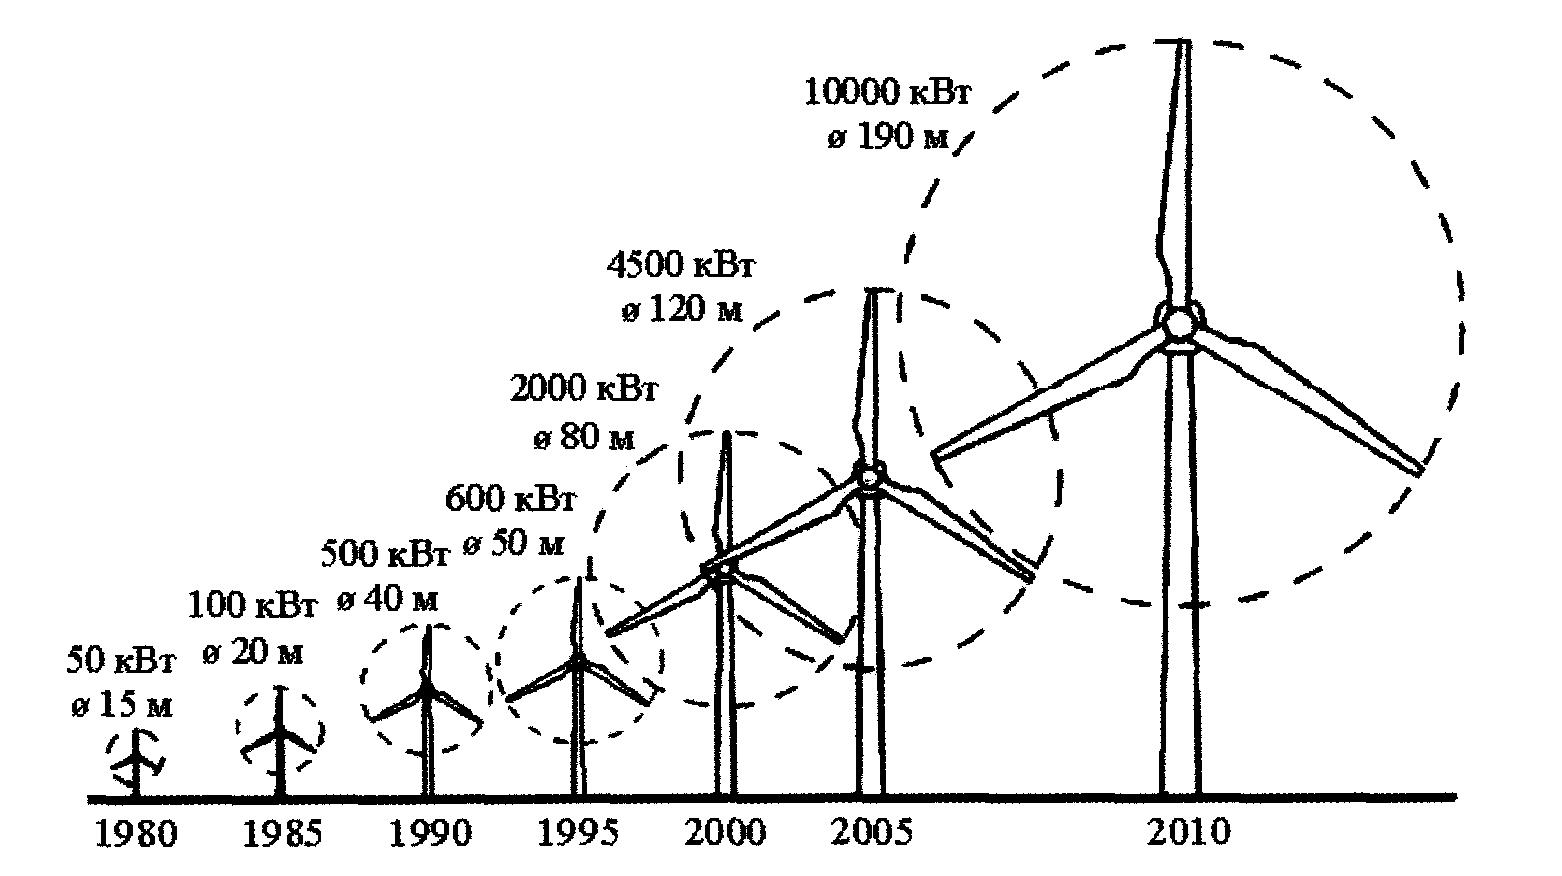 Динамика изменения мощности и диаметра ротора ВЭУ по годам